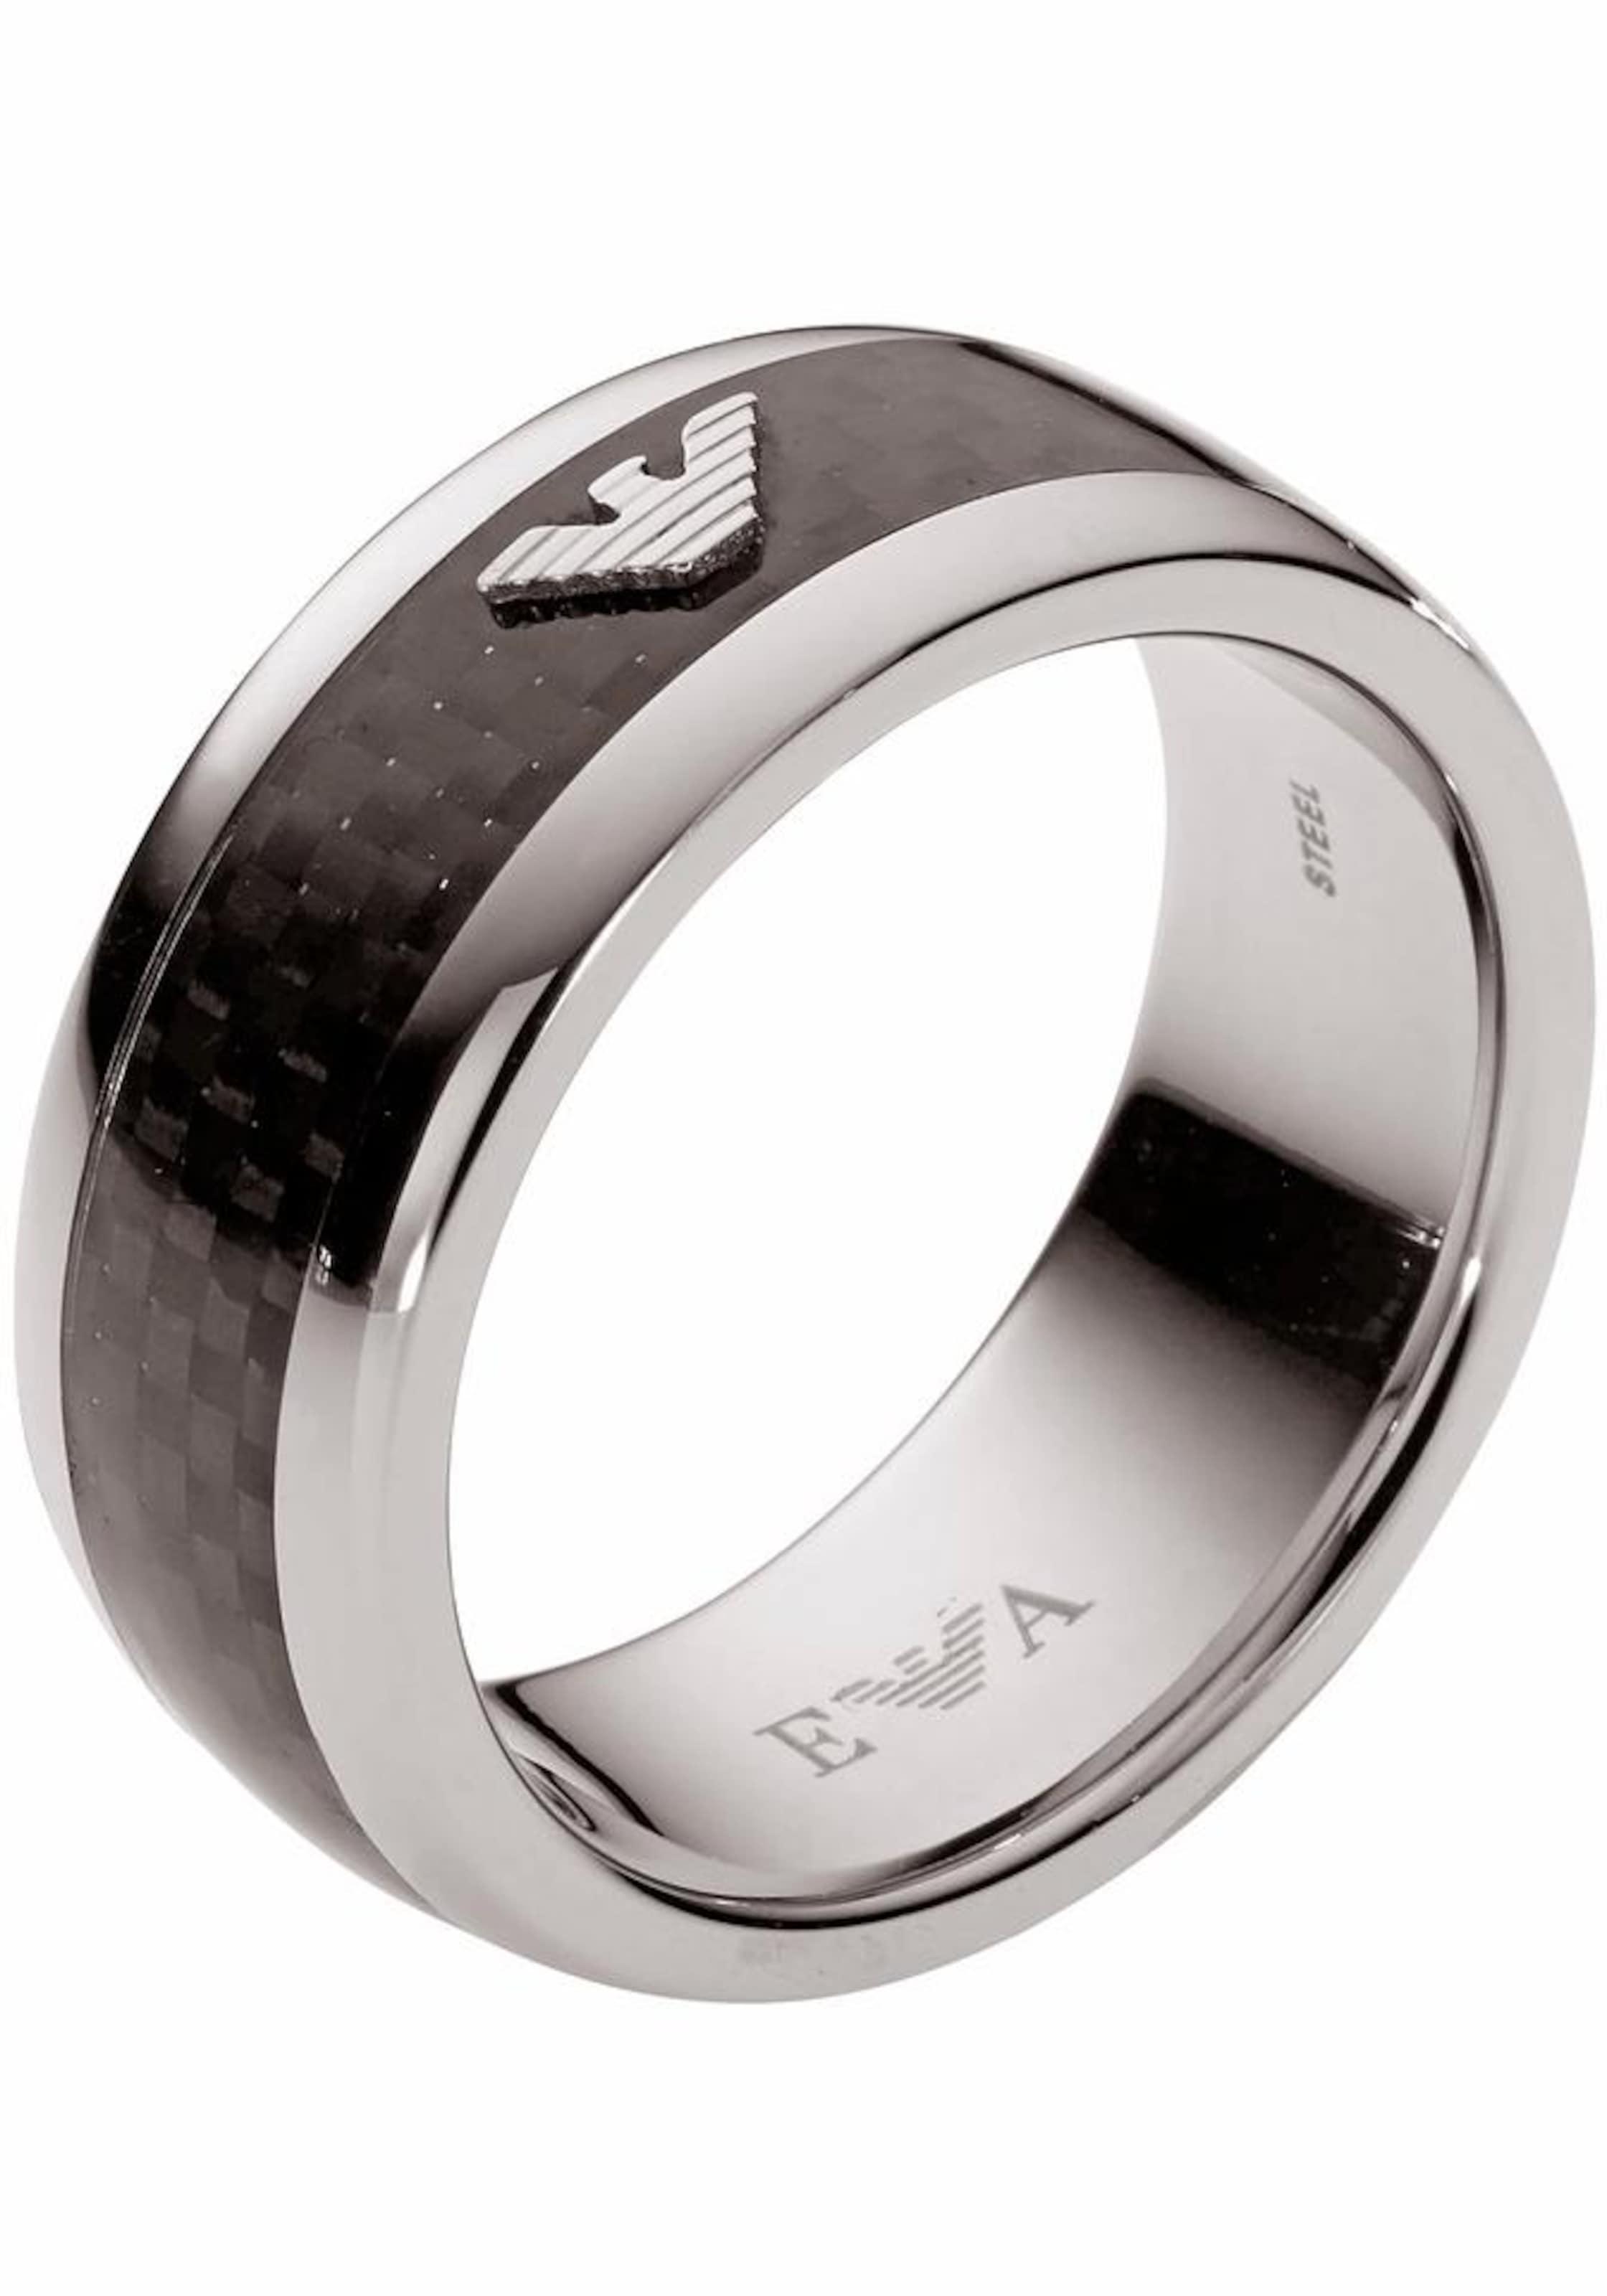 Emporio Armani Fingerring 'EGS1602040' Günstig Kaufen Suche Exklusive Online Pd5QDVhU